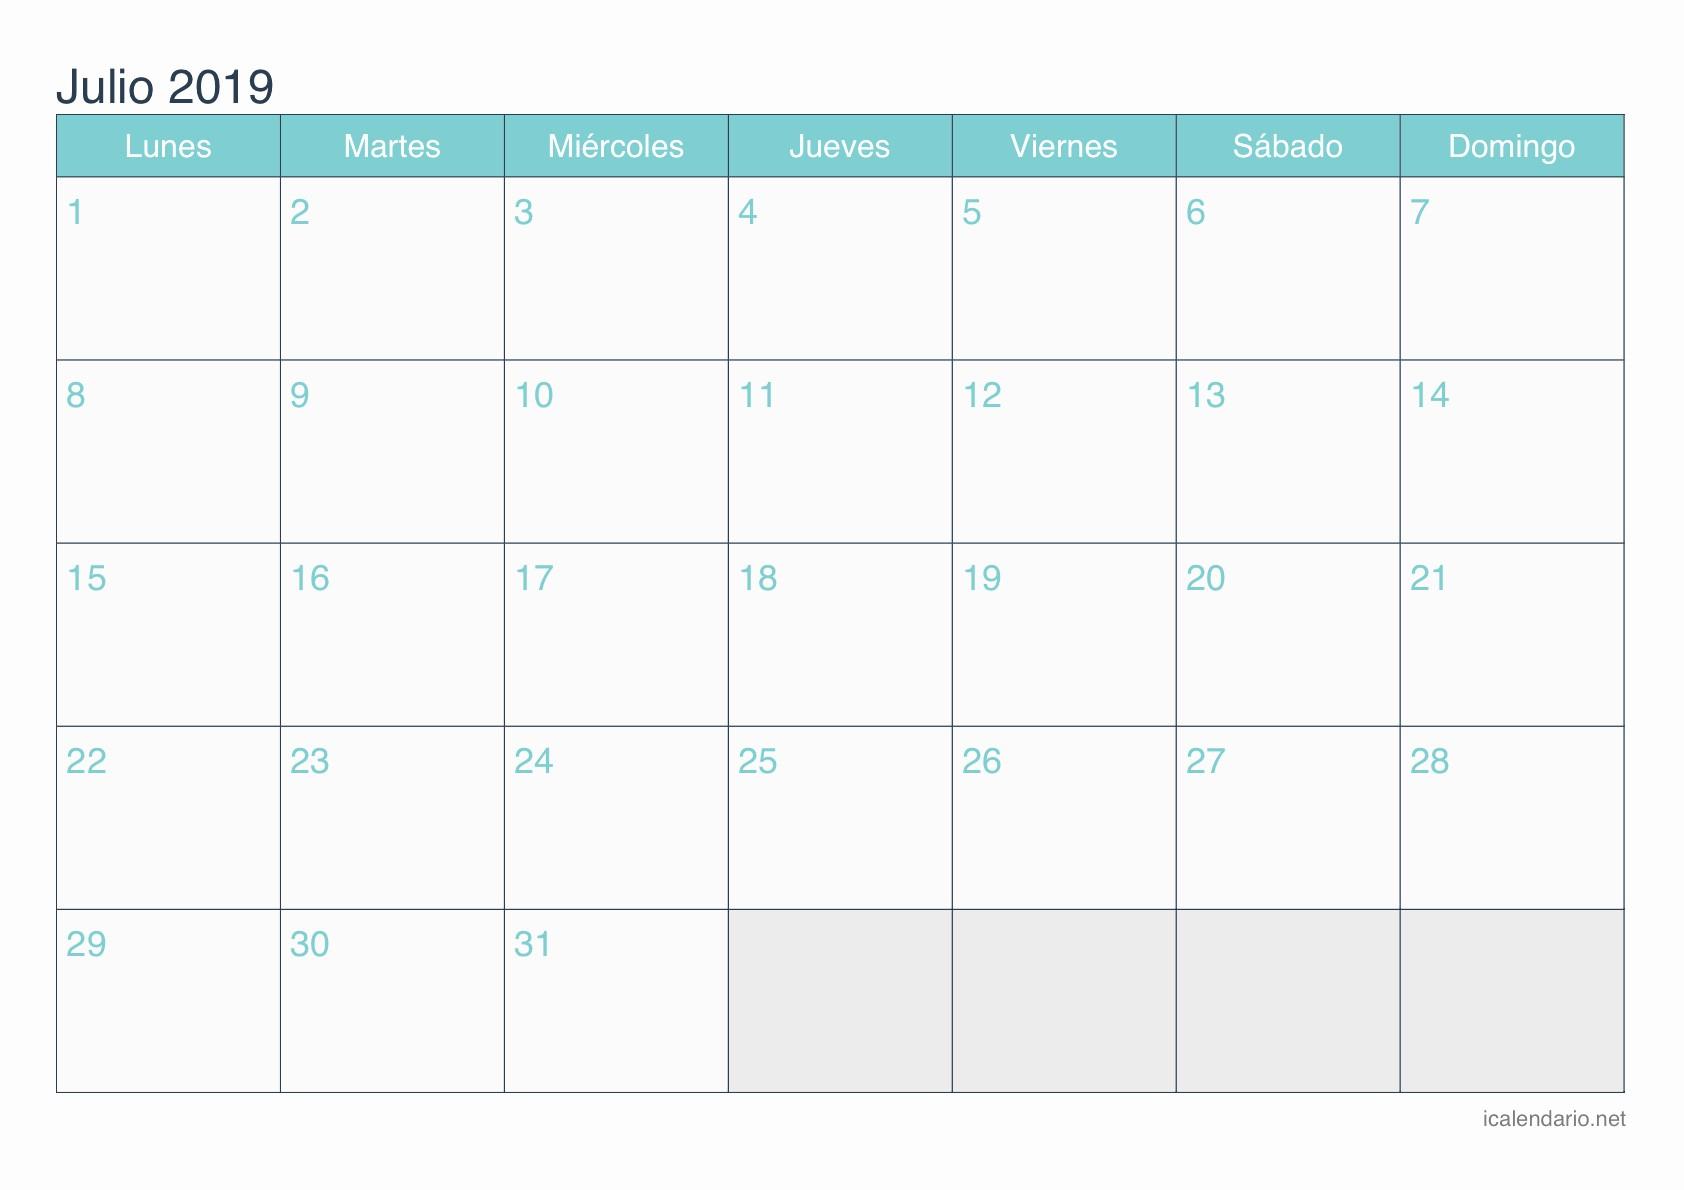 Calendario 2019 Laboral Sevilla Mejores Y Más Novedosos Rfeda Calendario 2019 Franz tost Manda Un Recado A Carlos Sainz Of Calendario 2019 Laboral Sevilla Más Reciente Banqueta Maldives Skyline Design Espa±a